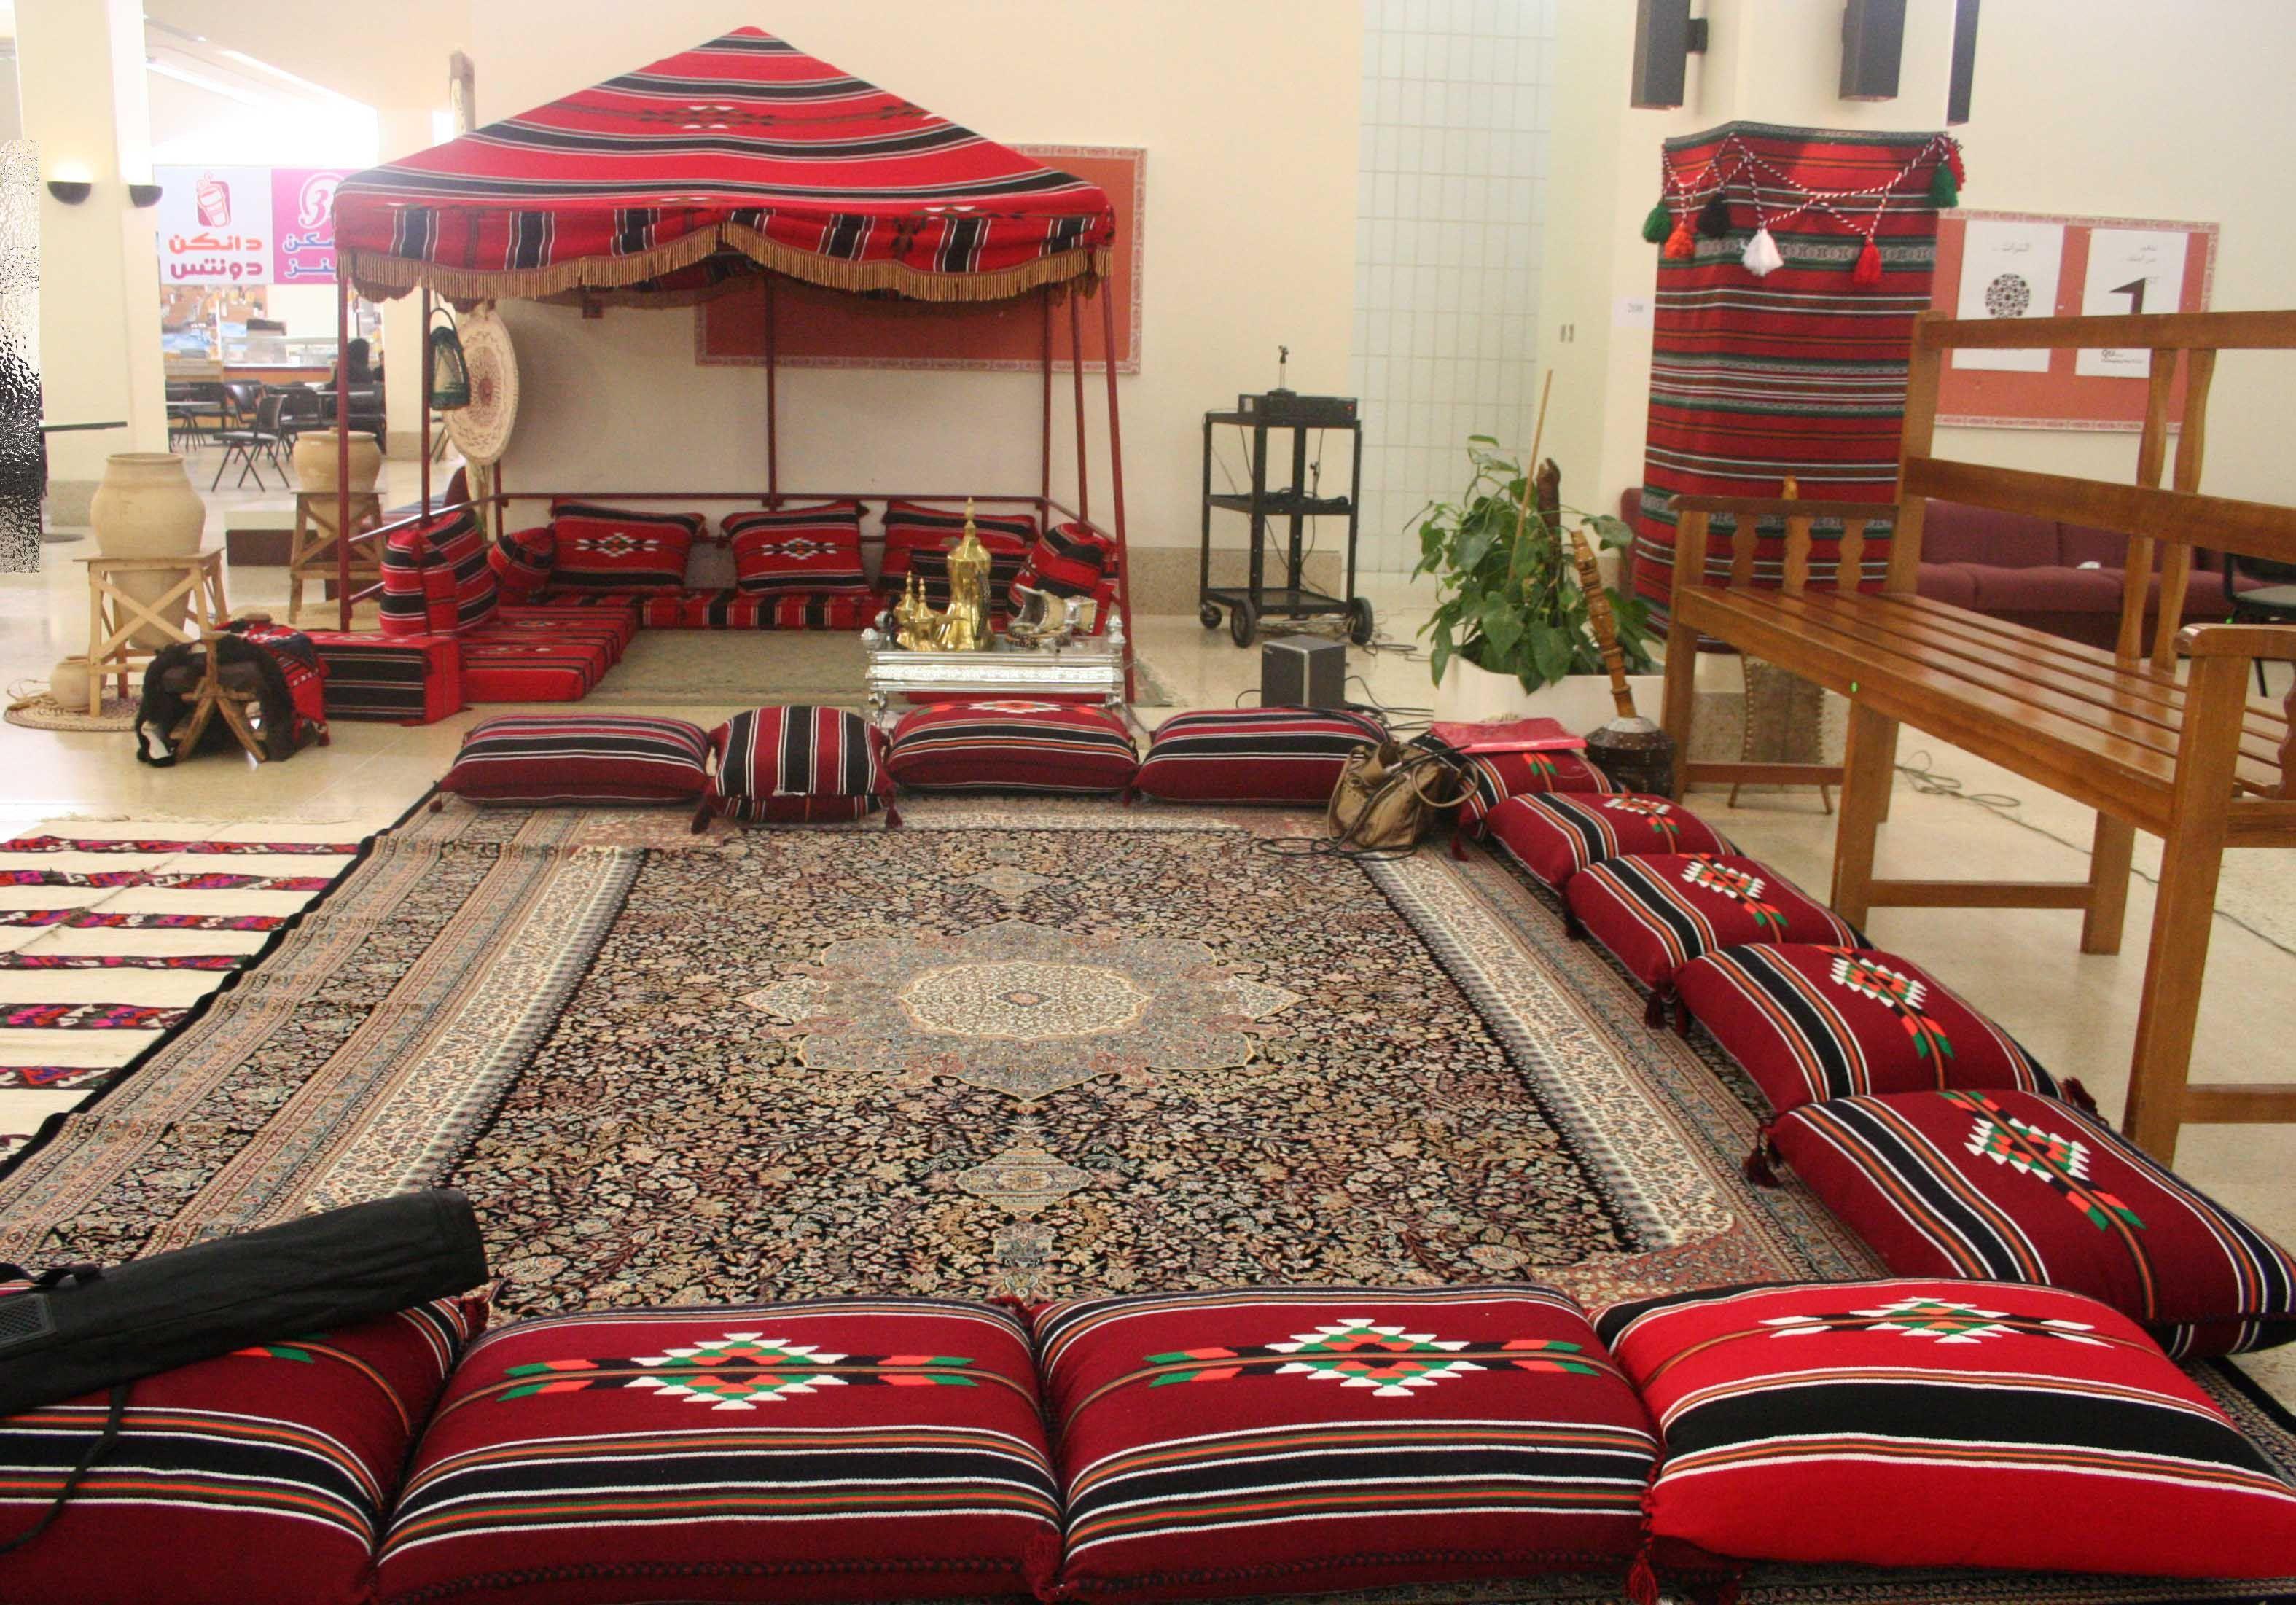 تقرير جلسة ذكريات رمضانية منتديات جامعة قطر All You Need Is Love John Lennon Home Decor